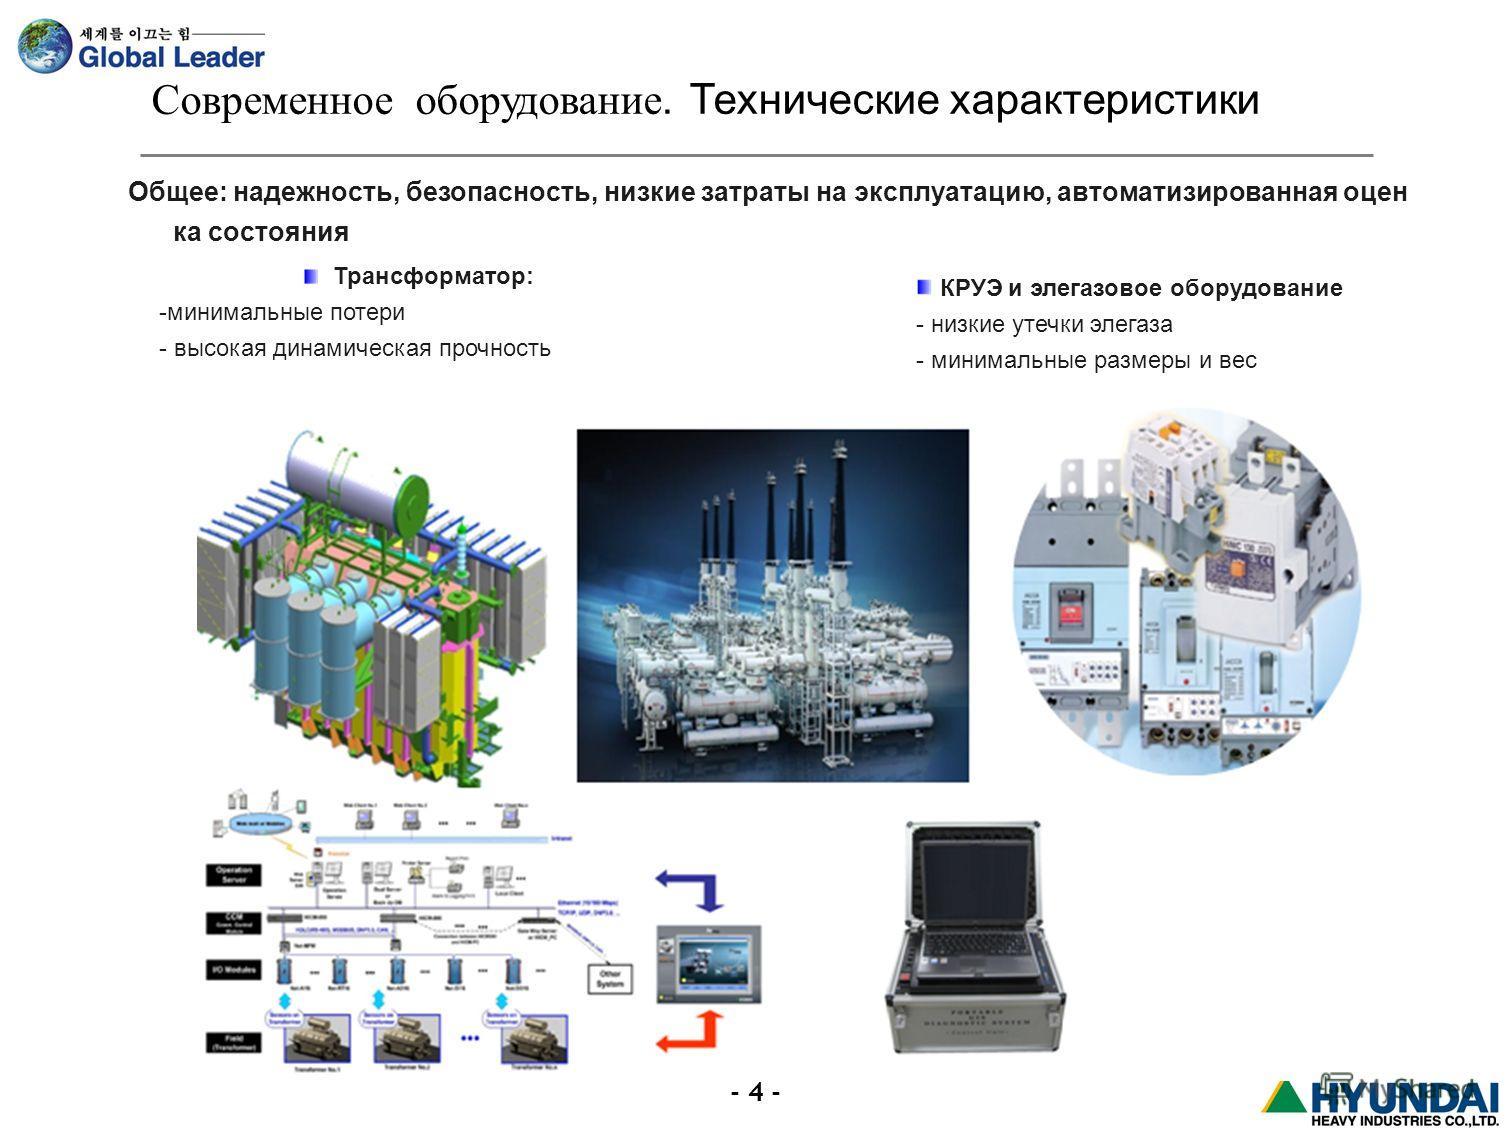 Трансформатор: -минимальные потери - высокая динамическая прочность Современное оборудование. Технические характеристики КРУЭ и элегазовое оборудование - низкие утечки элегаза - минимальные размеры и вес - 4 - Общее: надежность, безопасность, низкие